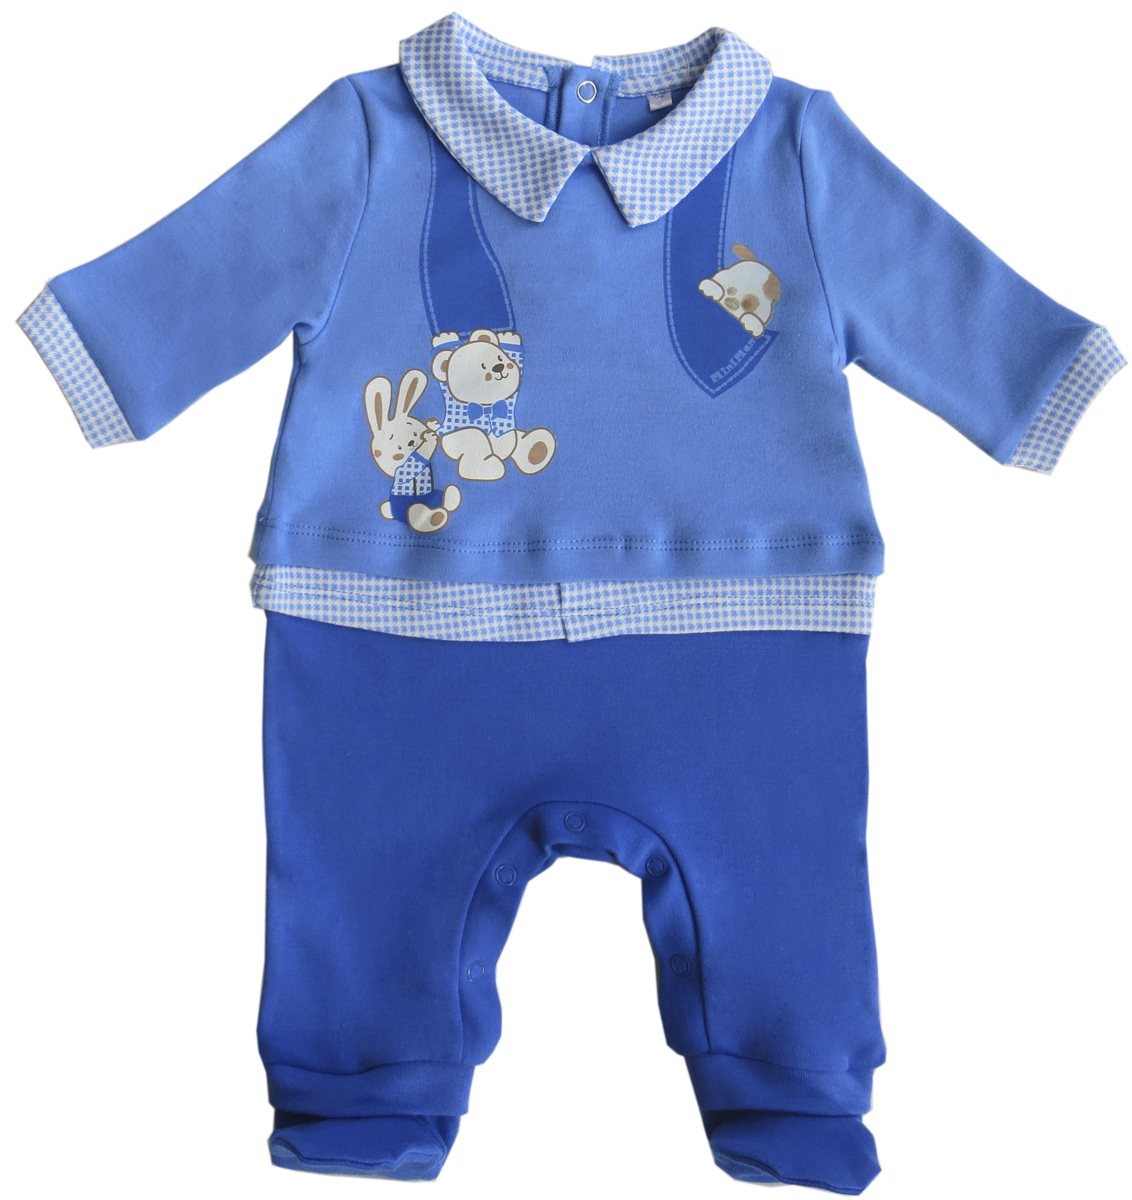 Комбинезон домашний для мальчика Soni Kids Мишка джентельмен, цвет: голубой, синий. З6102016. Размер 74 soni kids кофточка